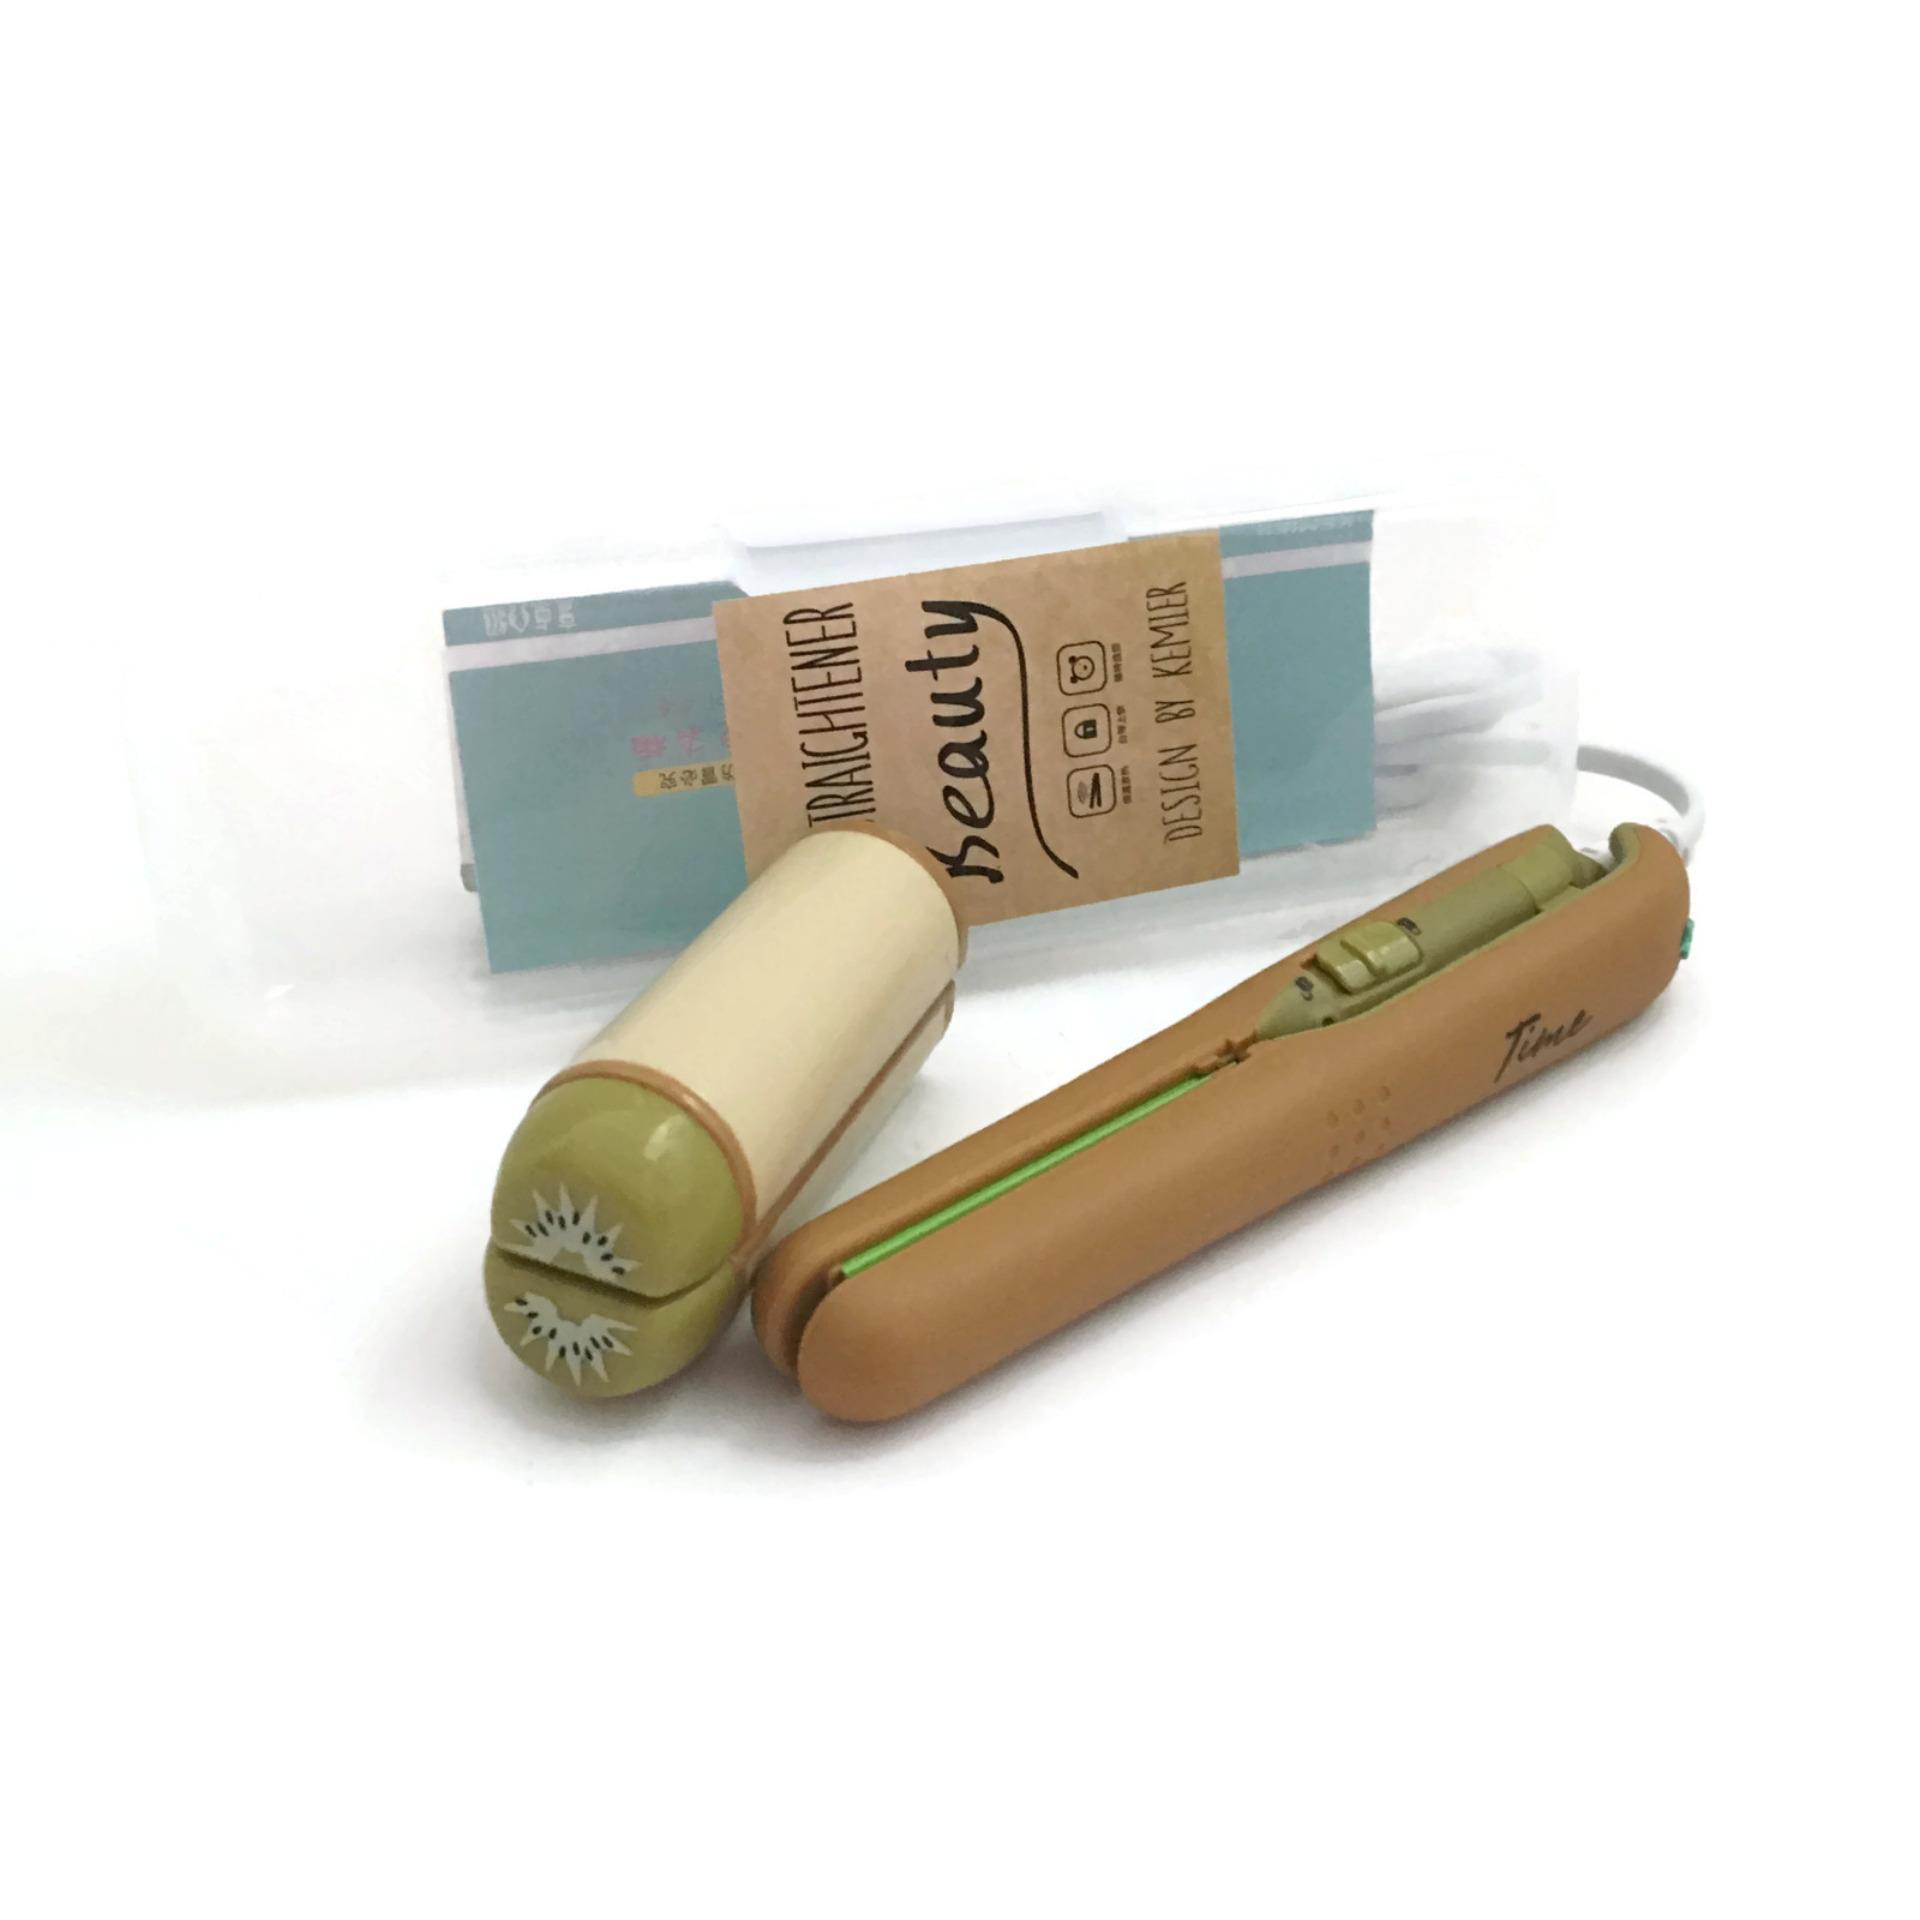 Beli Catok Mini Motif Kiwi Nyicil